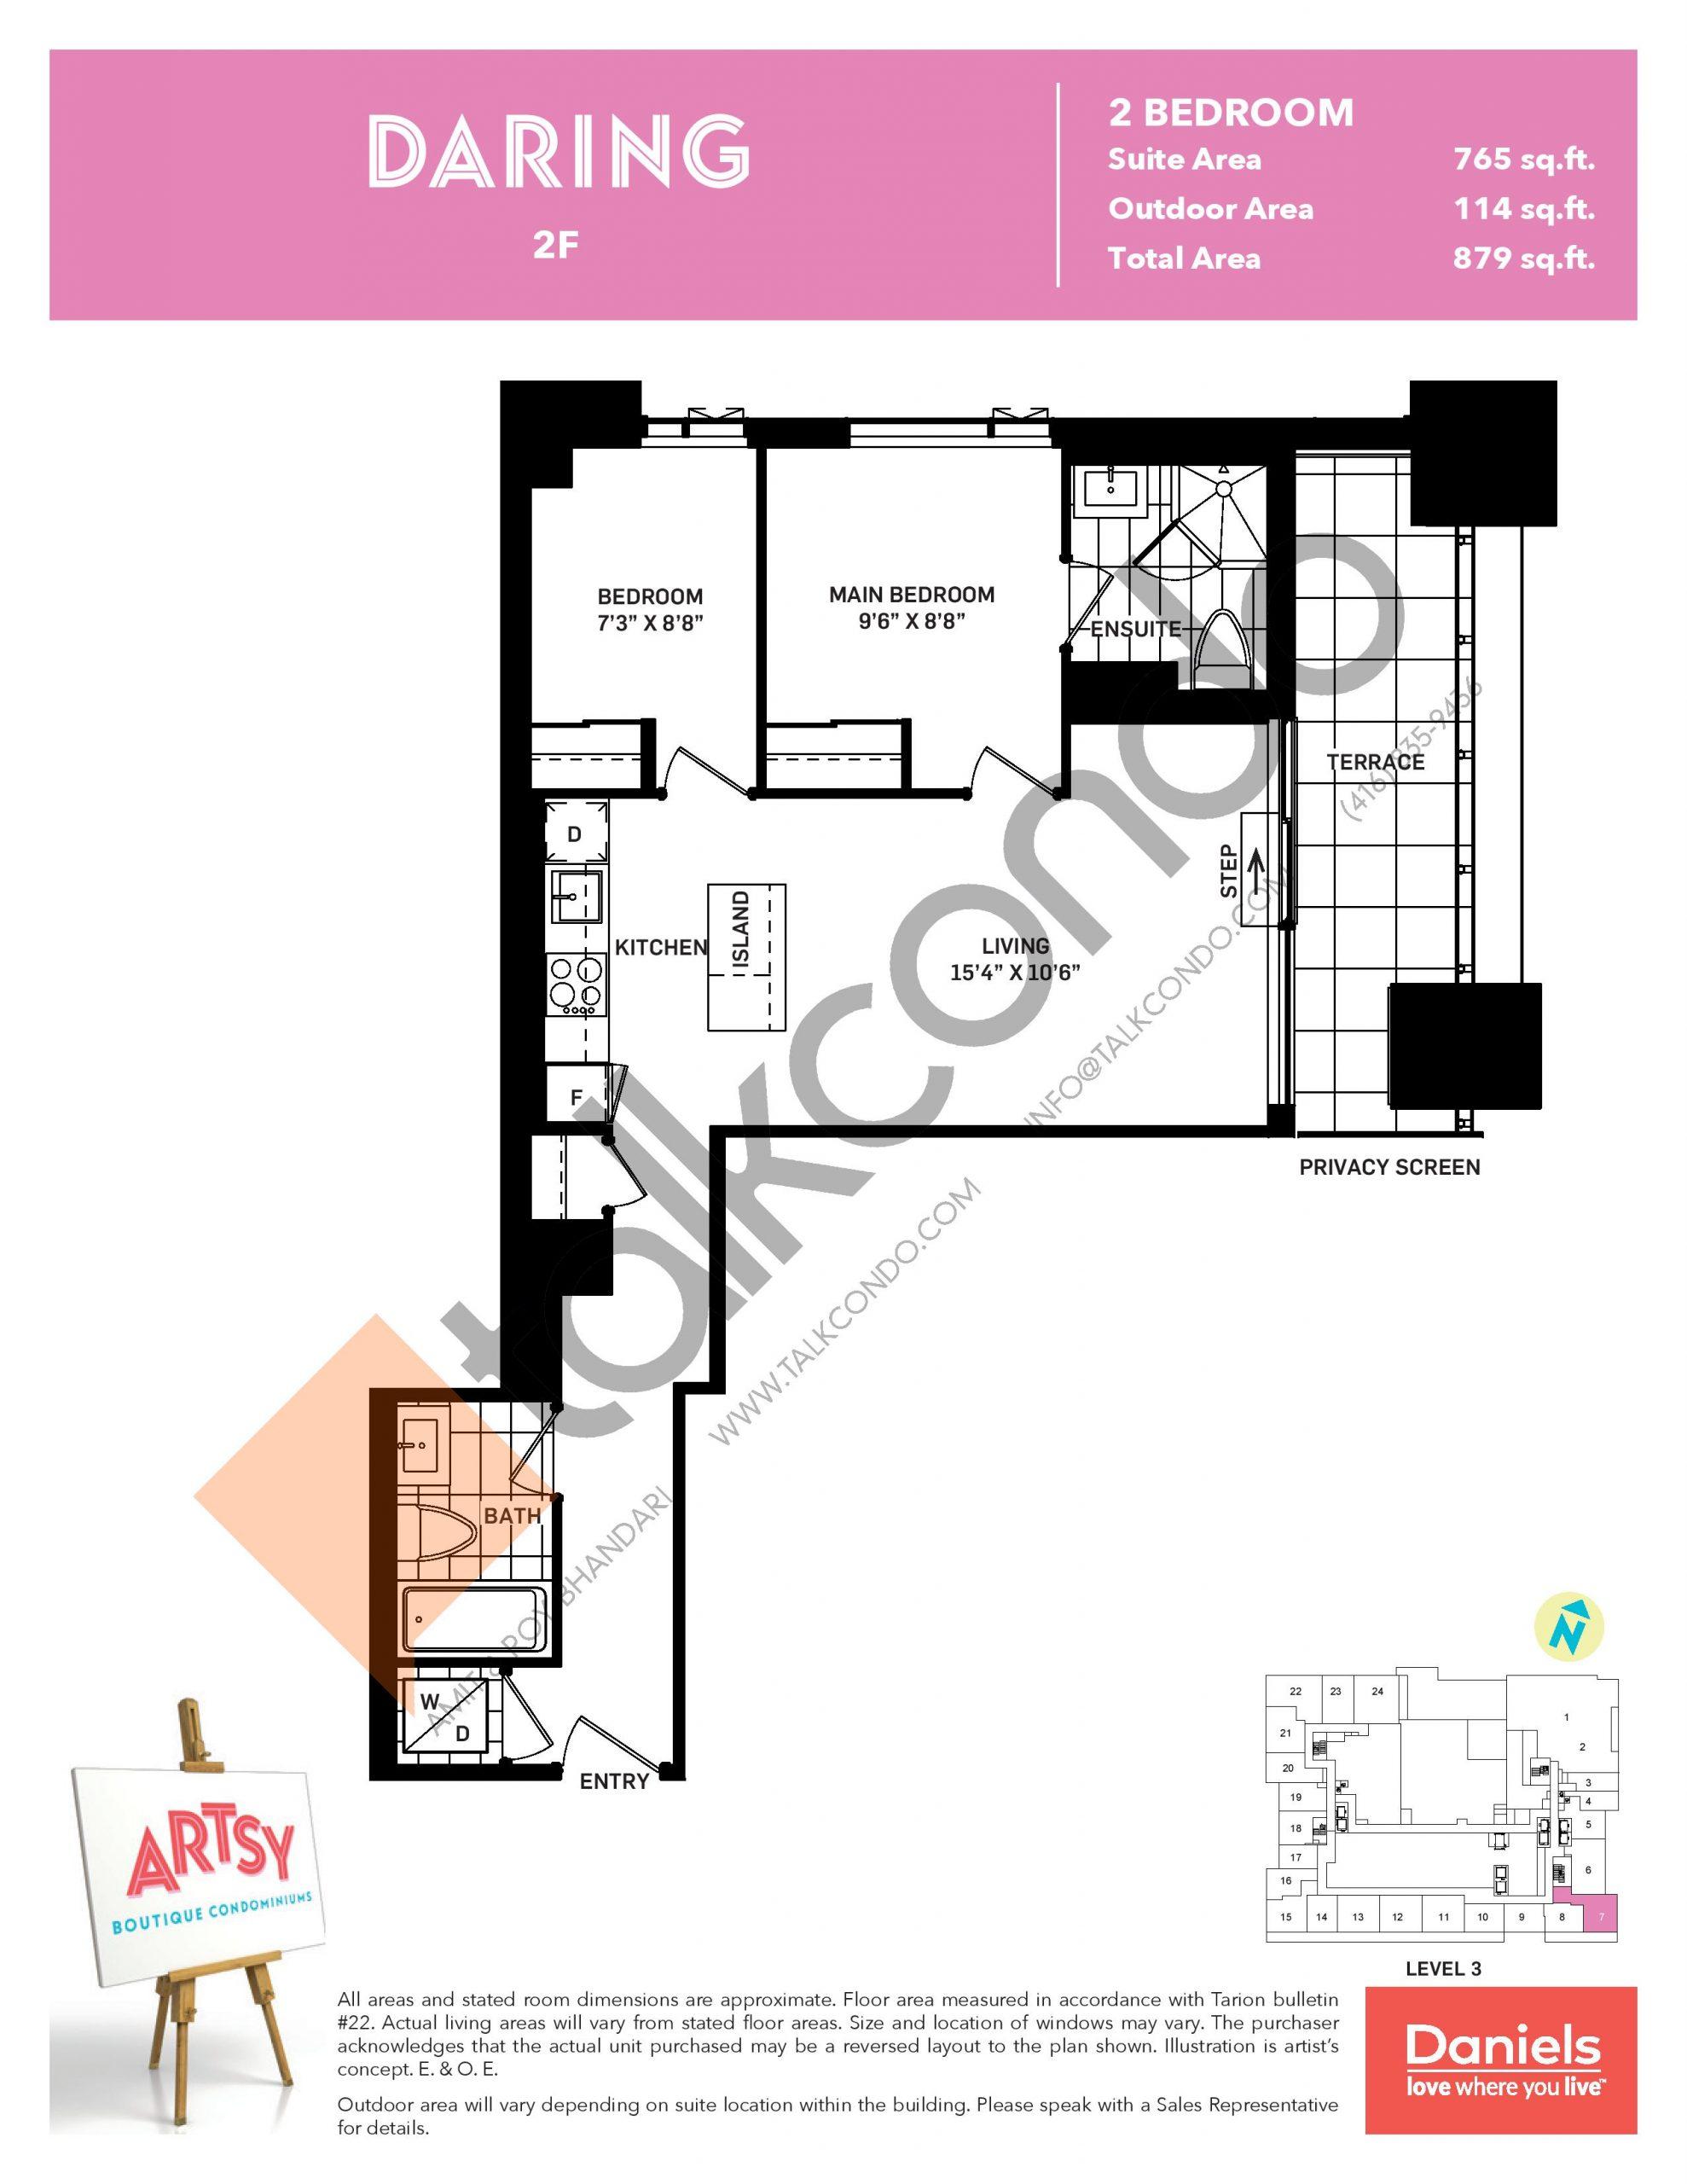 Daring Floor Plan at Artsy Boutique Condos - 765 sq.ft